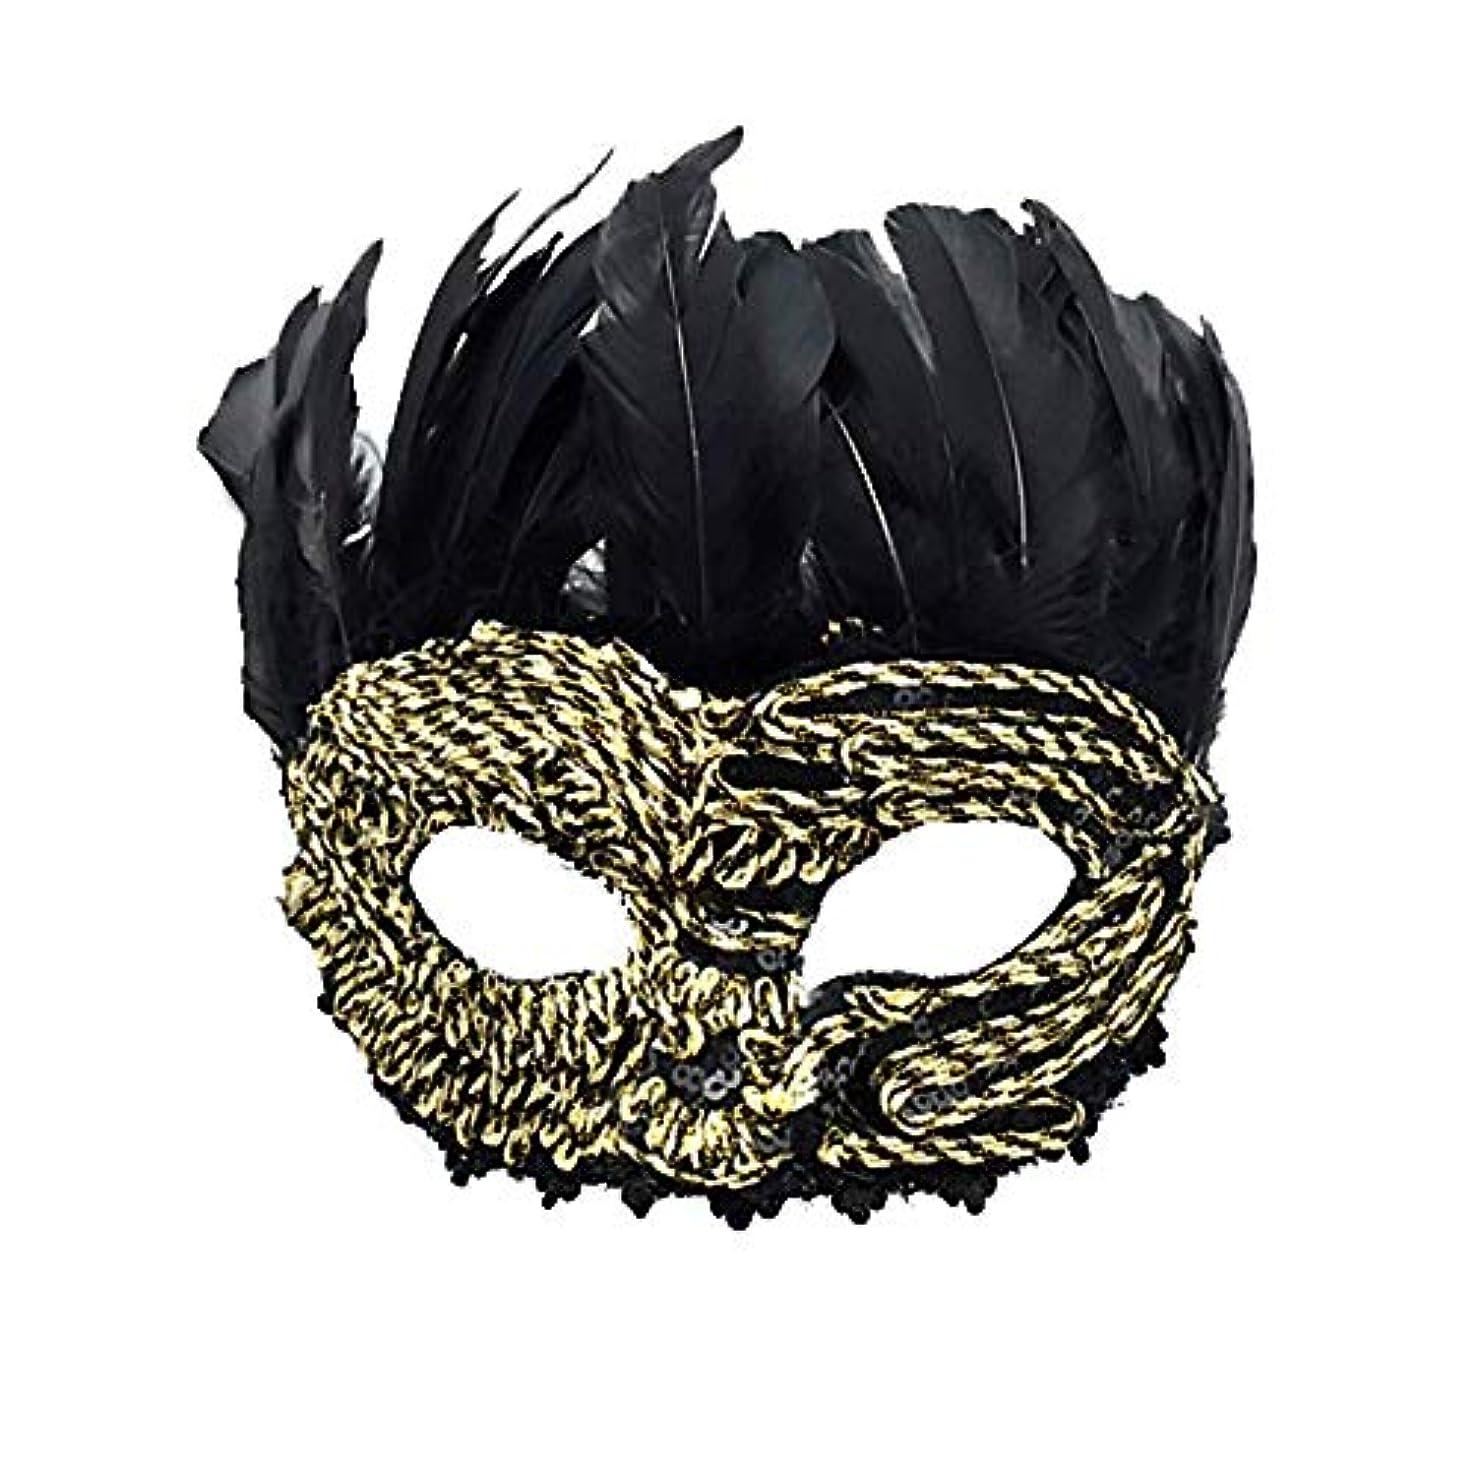 不均一形成サミットNanle ハロウィーンクリスマスレースフェザースパンコール刺繍マスク仮装マスクレディーメンズミスプリンセス美容祭パーティーデコレーションマスク(カップルモデル) (色 : Style B)